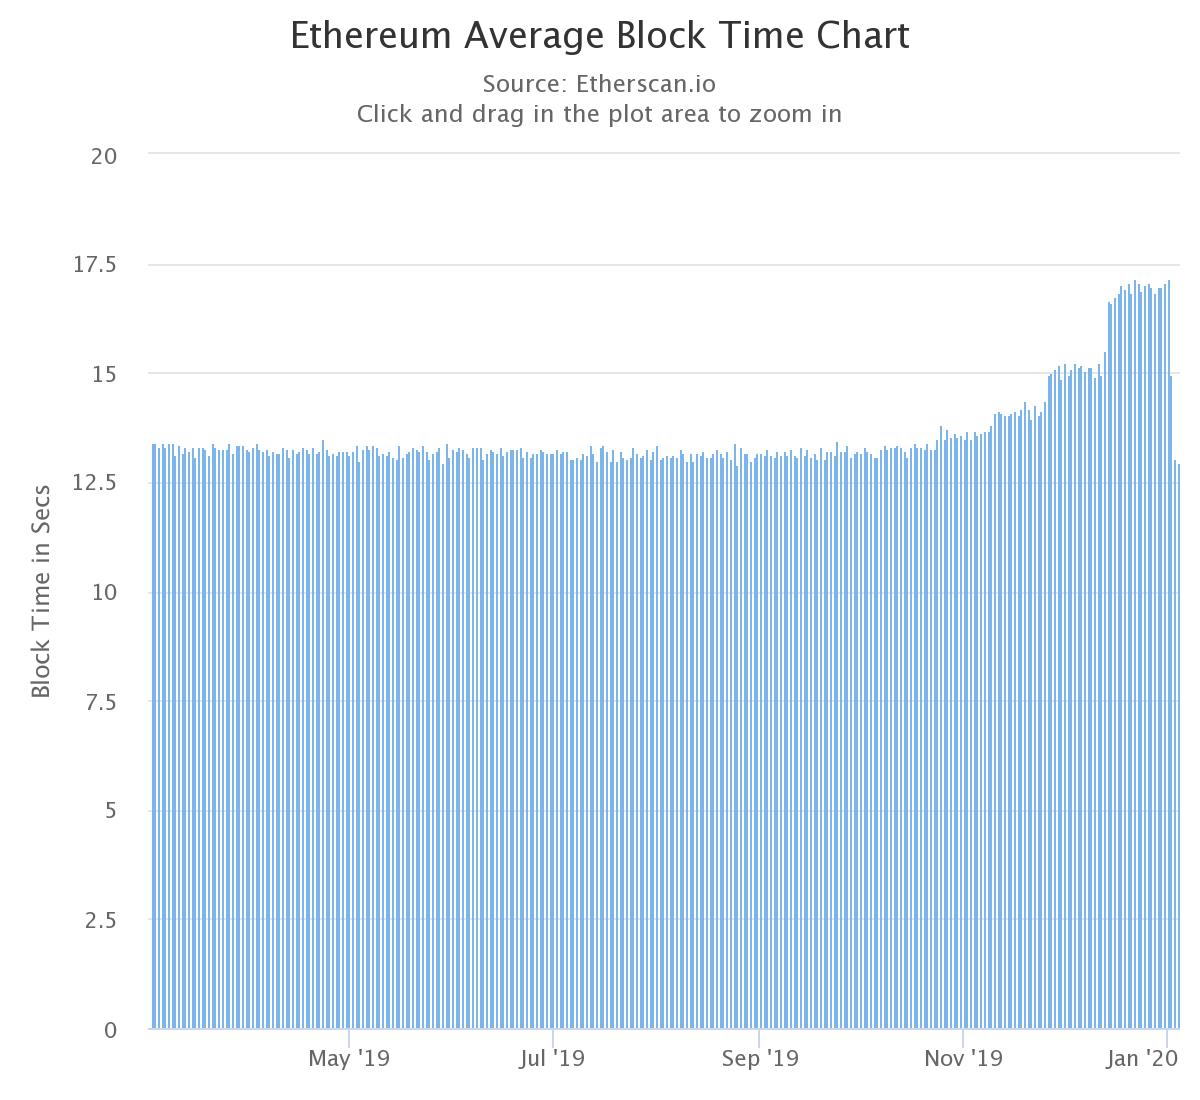 График среднего времени блока Эфириума с 3 марта по 3 января.4